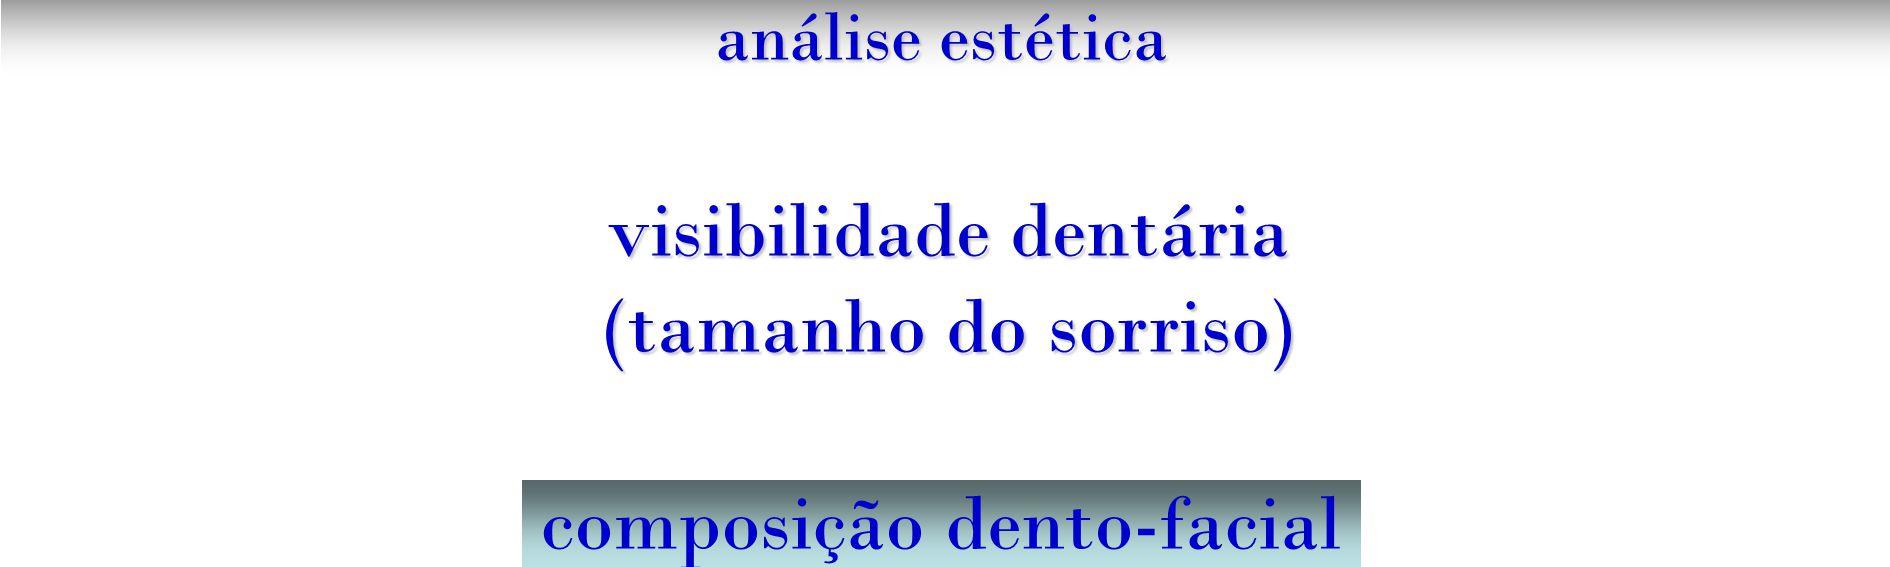 composição dento-facial análise estética visibilidade dentária (tamanho do sorriso)